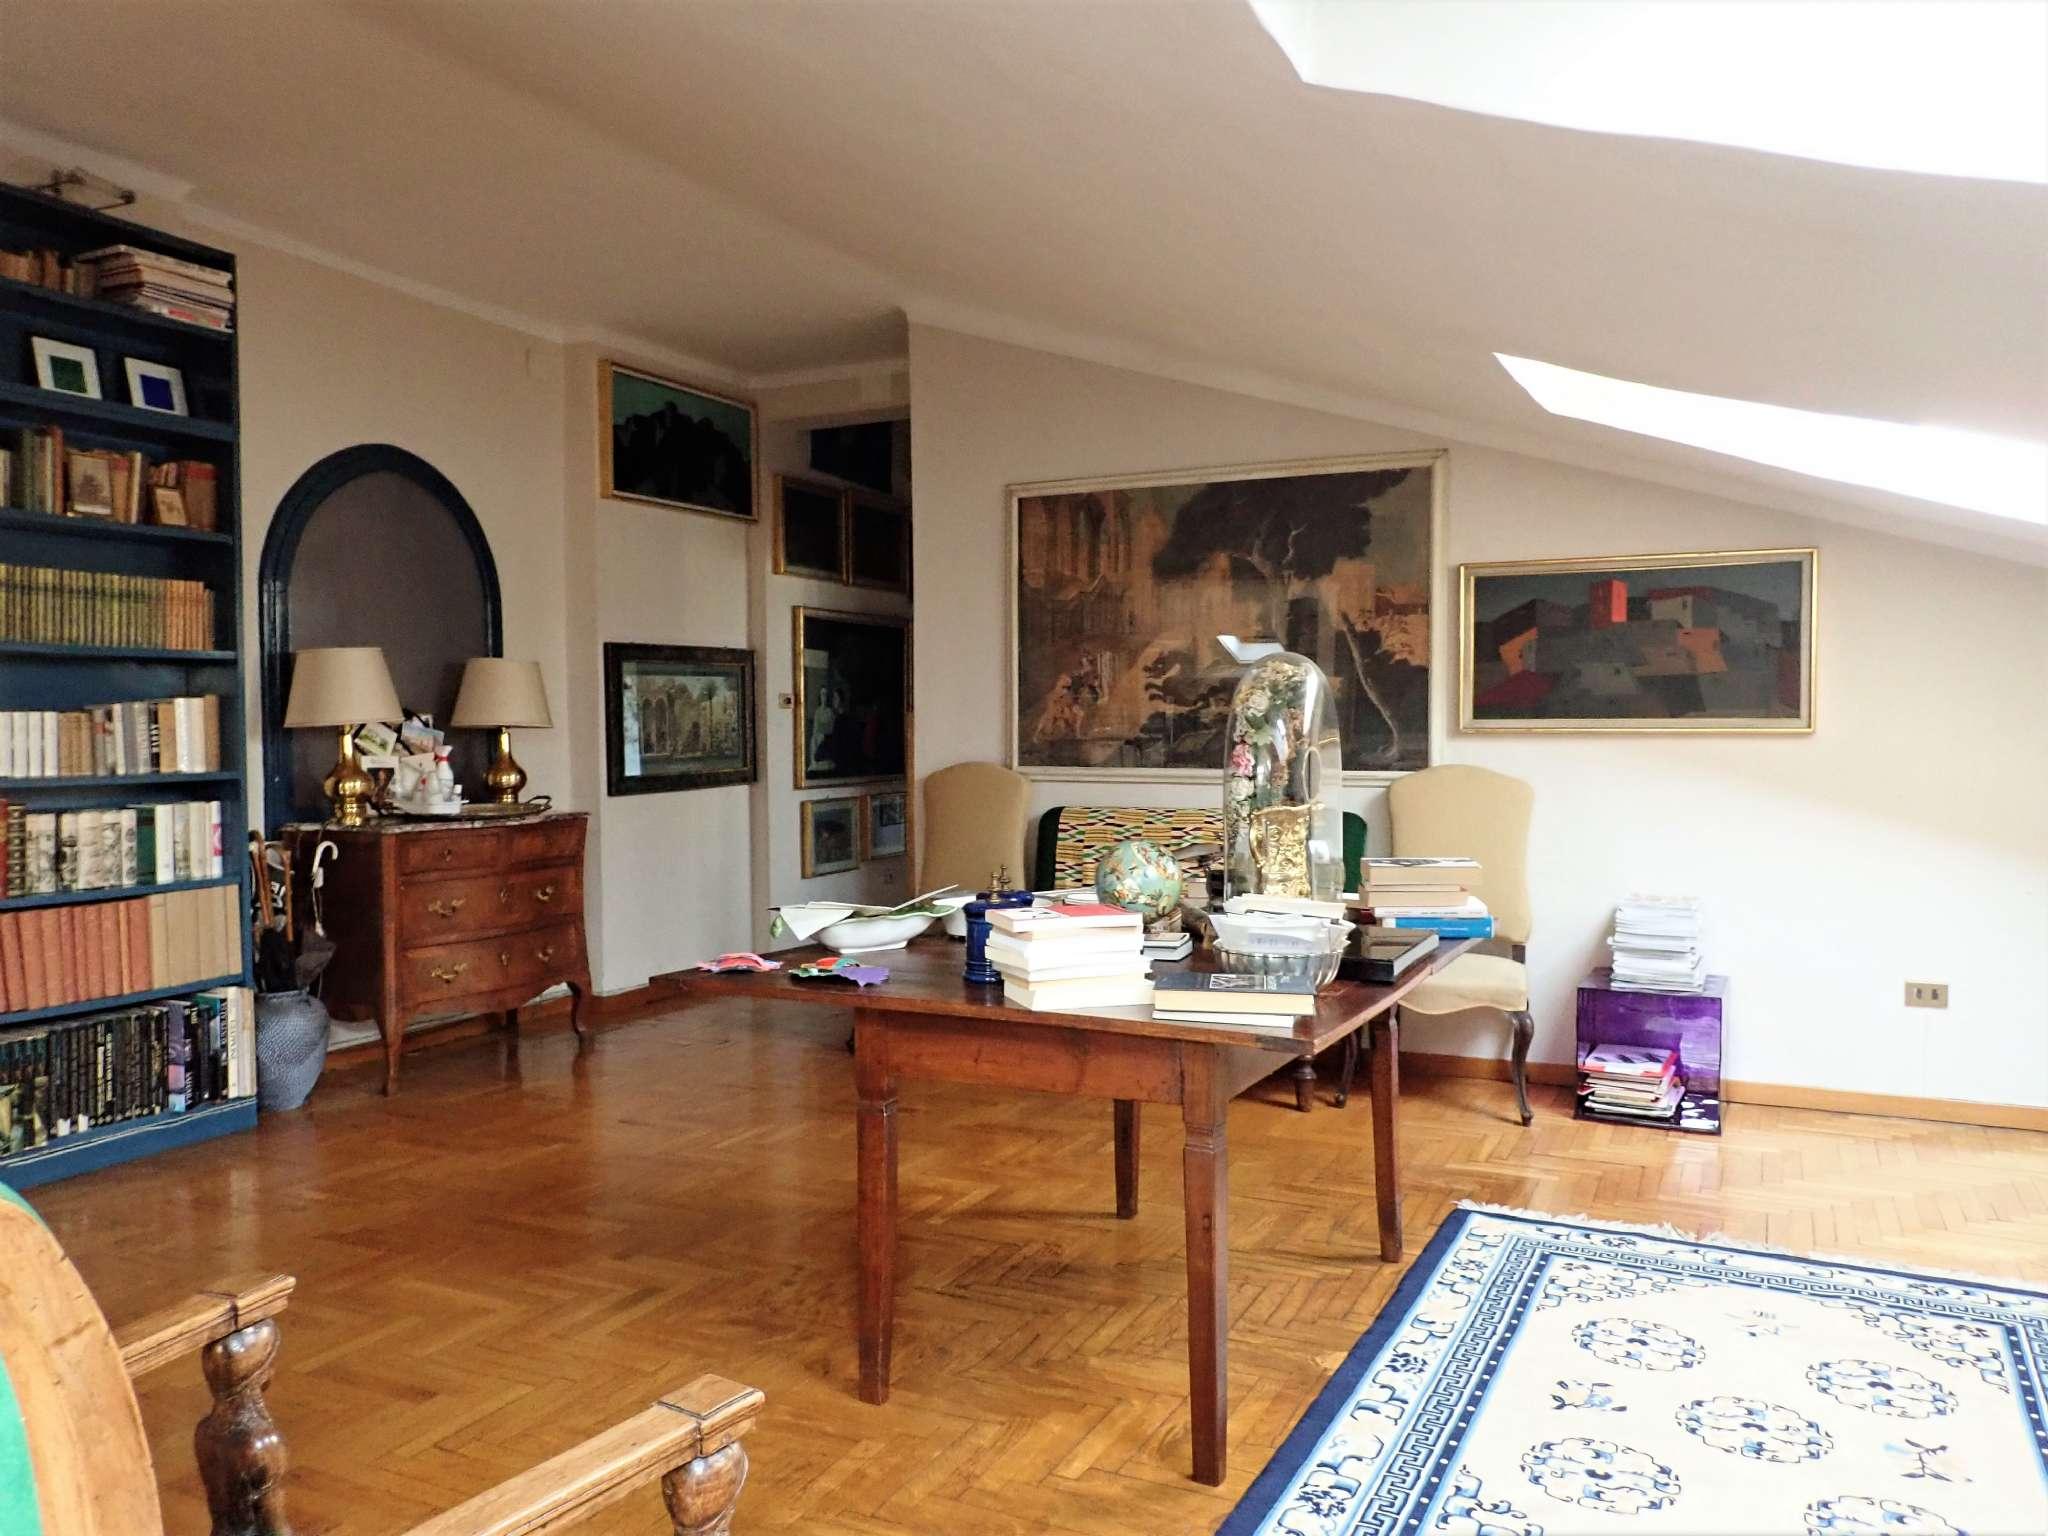 Attico in Vendita a Milano: 5 locali, 274 mq - Foto 11